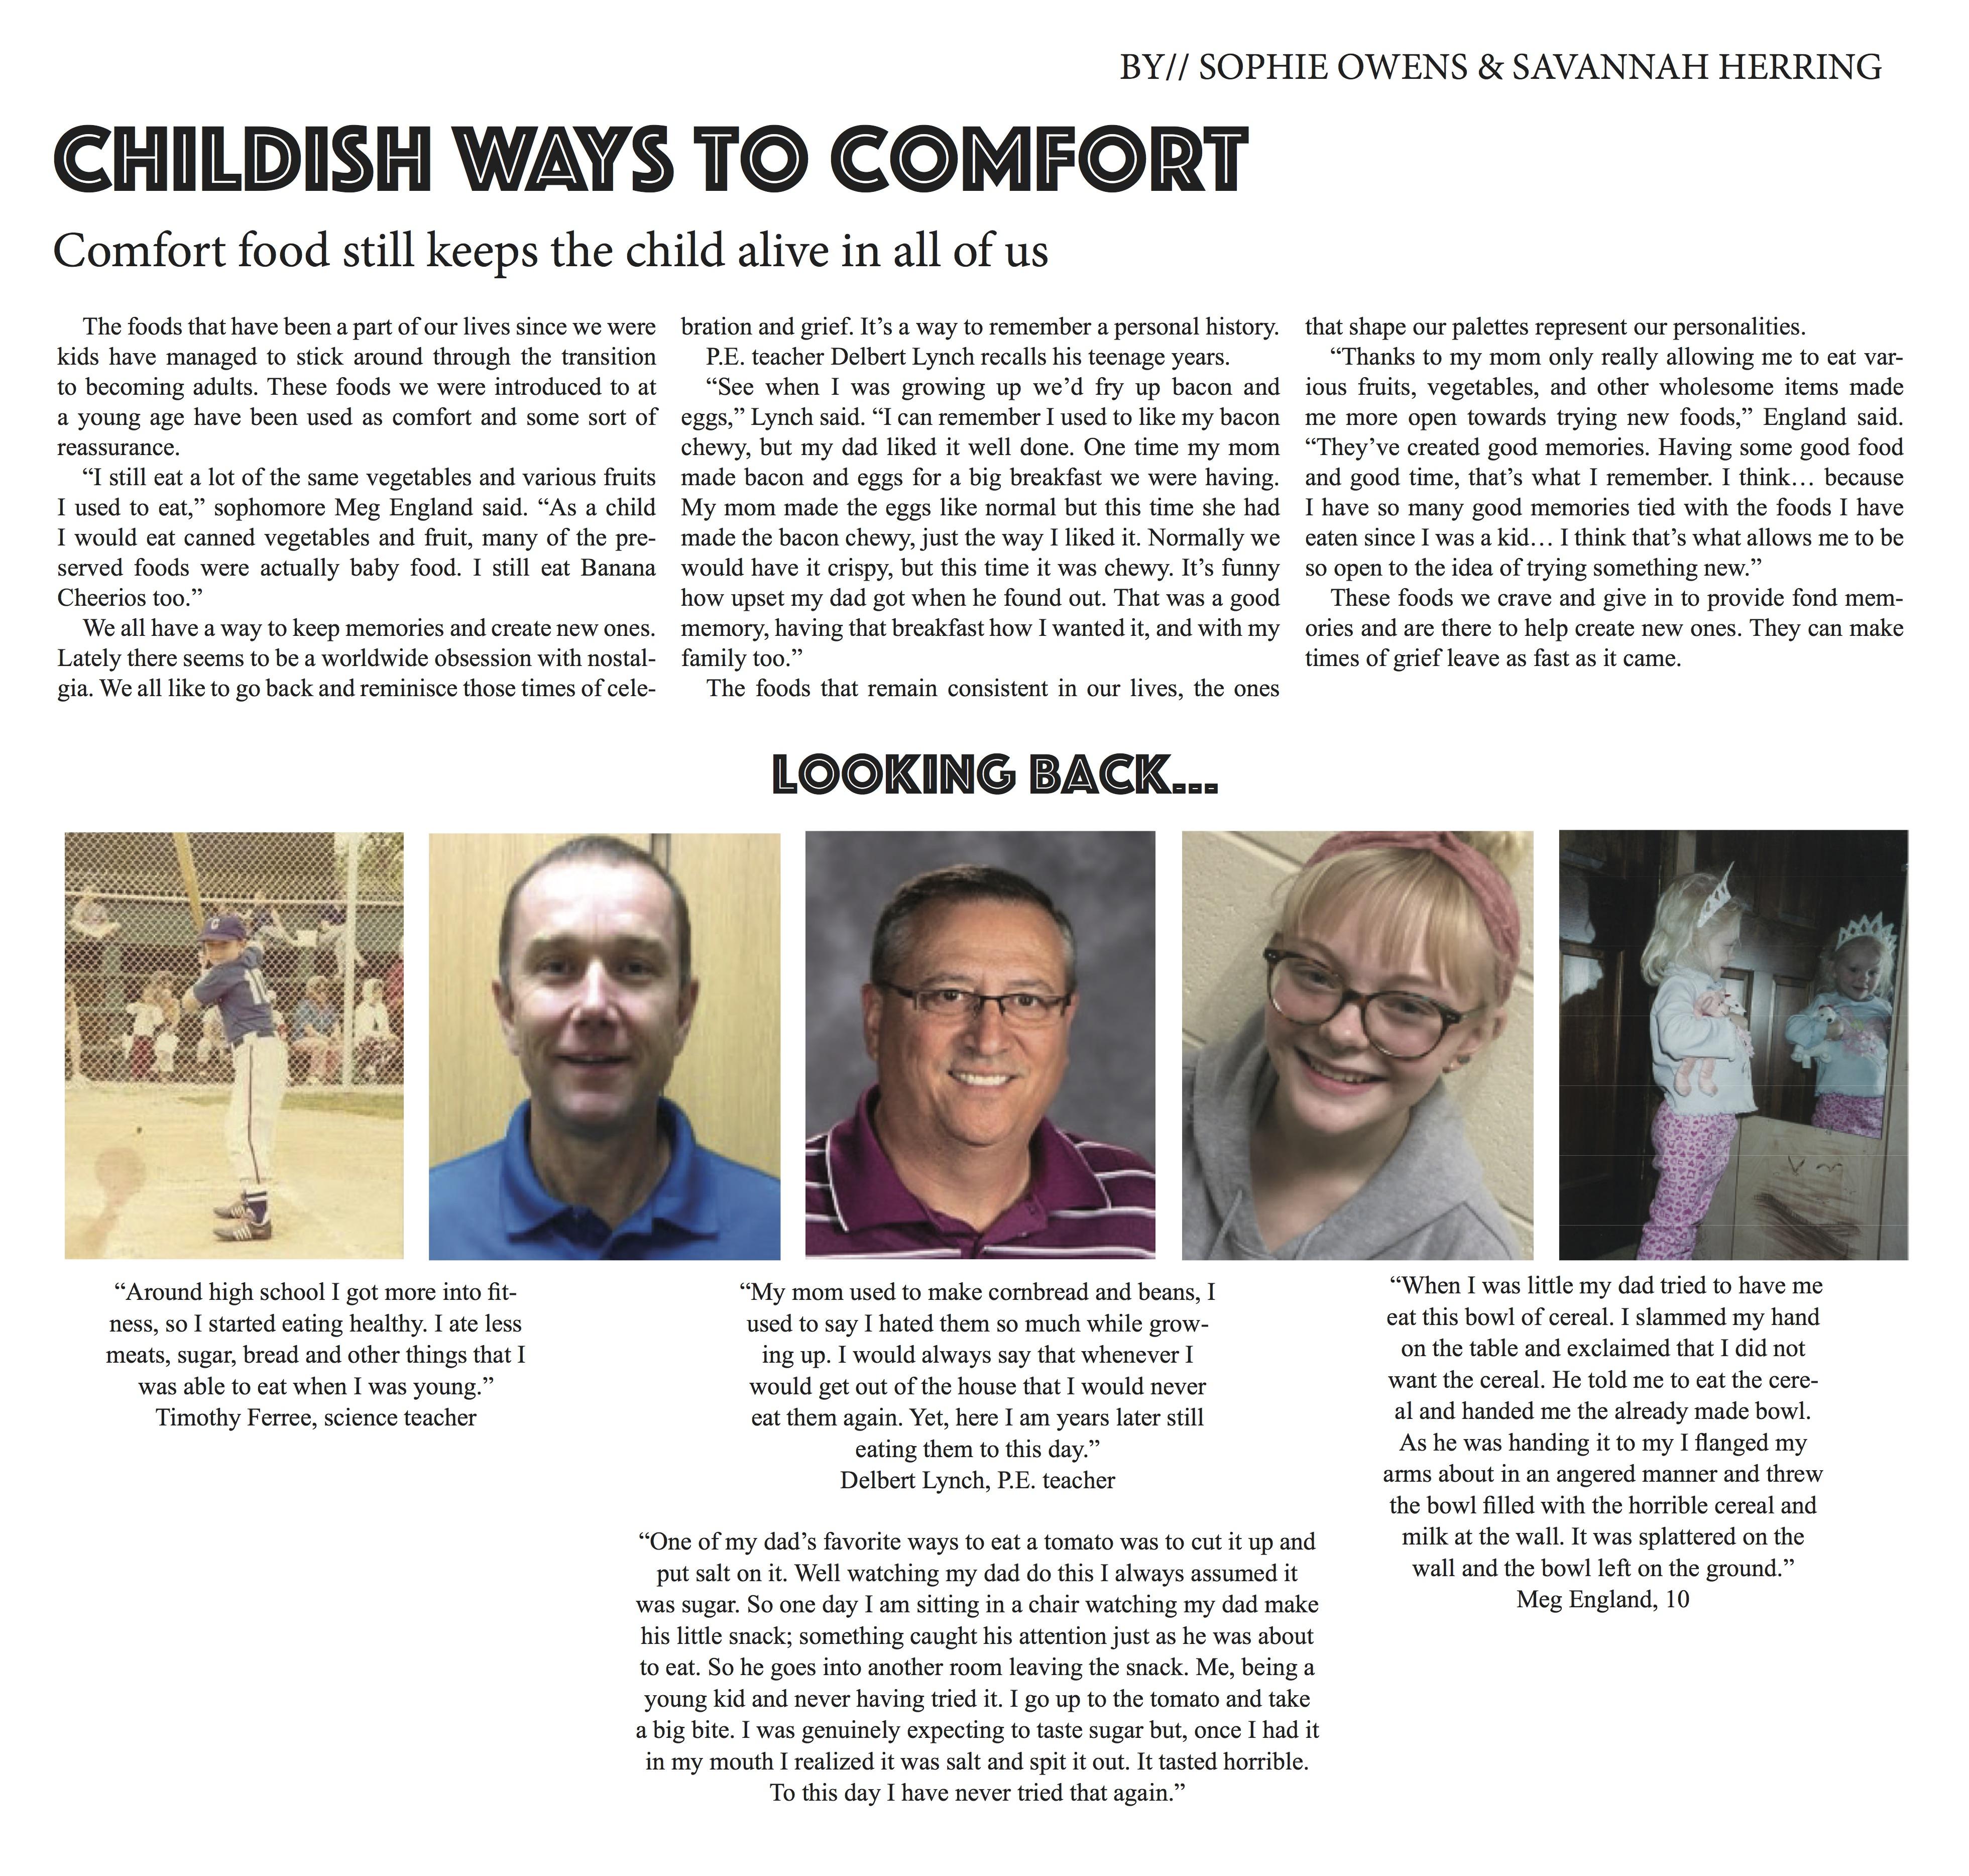 Childish Ways to Comfort by//Sophia Owens & Savannah Herring